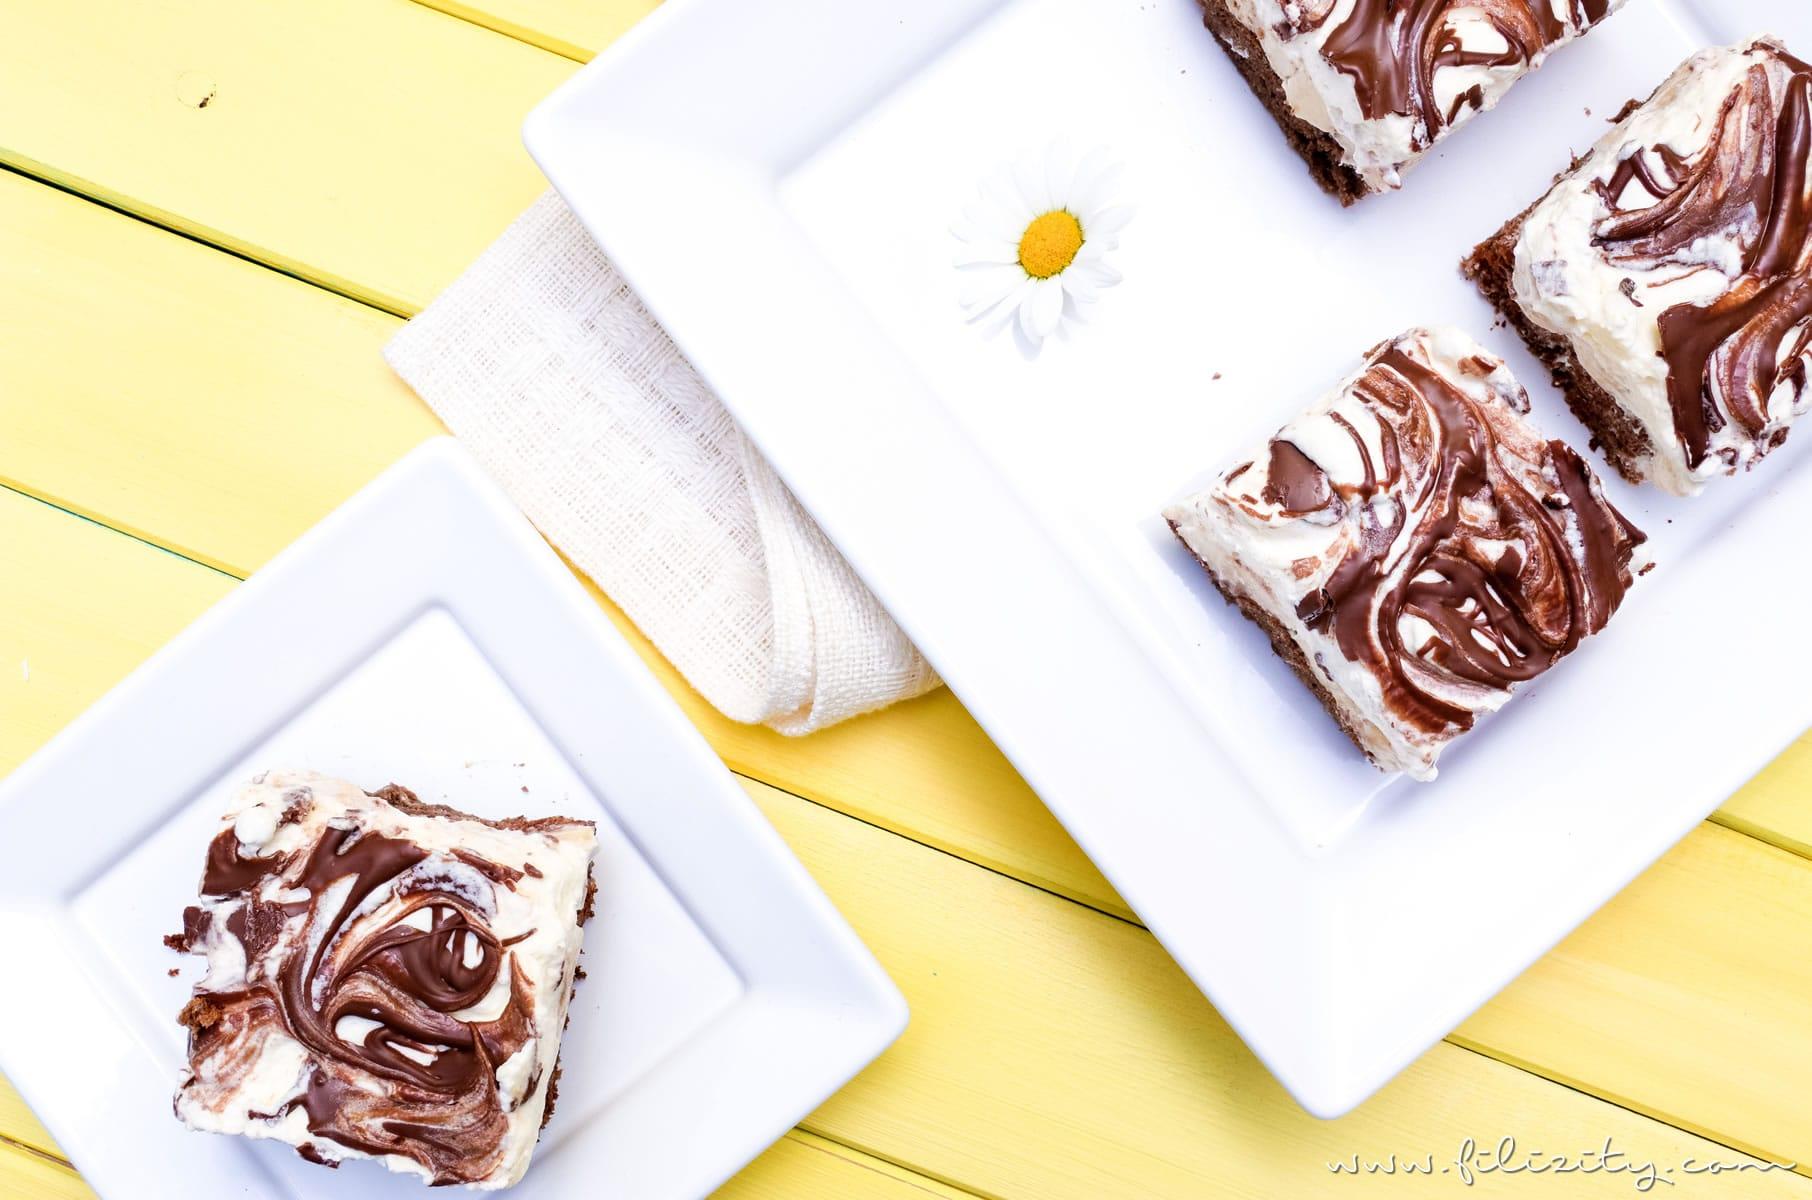 Rezept für Lenin-Torte mit Bananen - Glutenfreier Sommerkuchen | Filizity.com | Food-Blog aus dem Rheinland #sommer #torte #kuchen